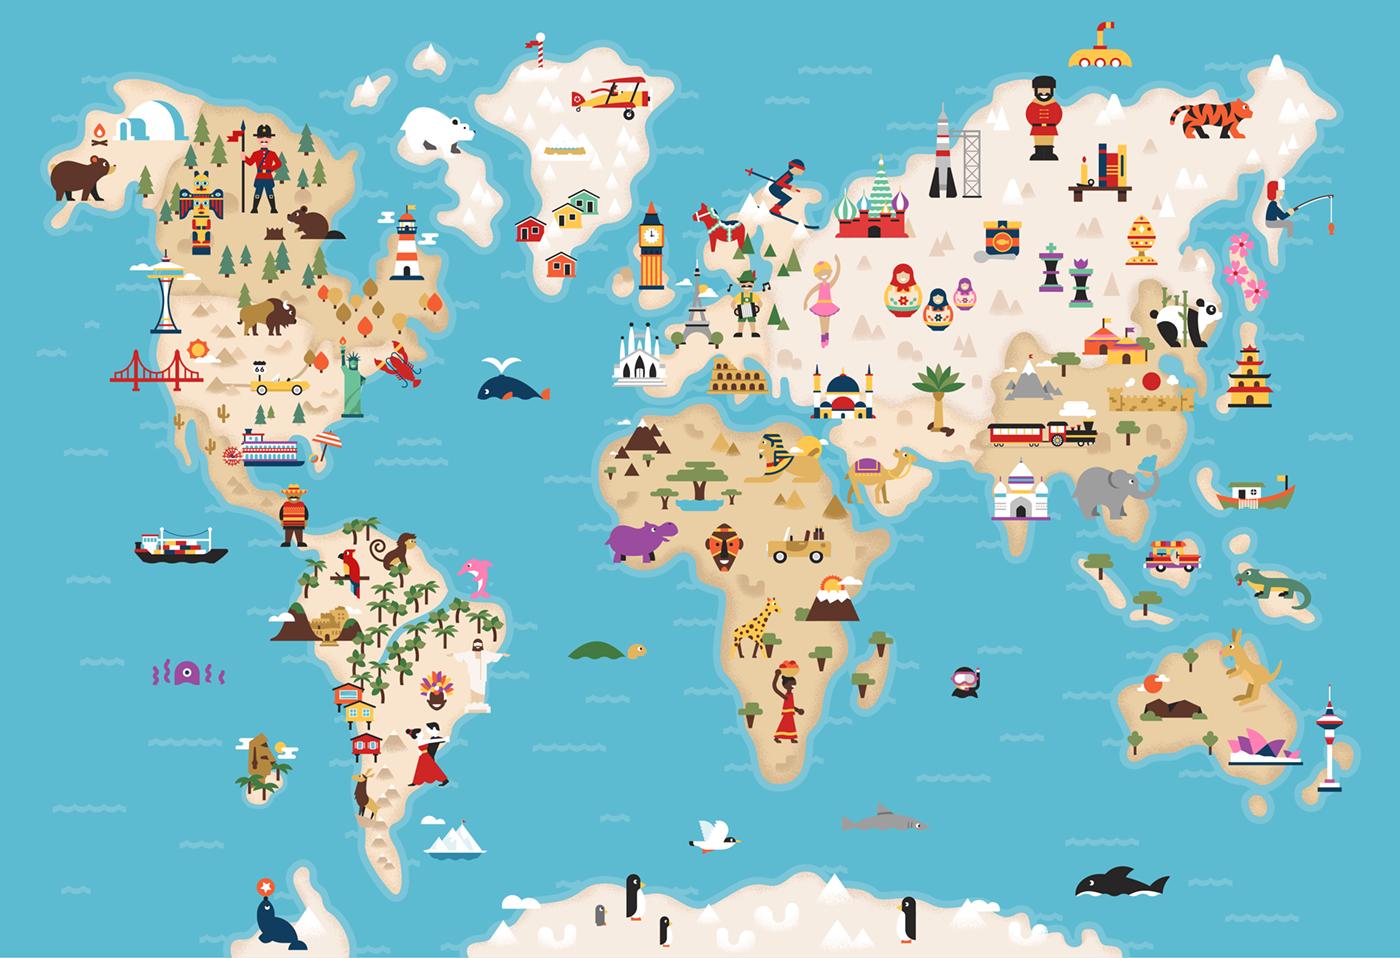 Ilustrasi Desain Peta Dunia yang Kreatif